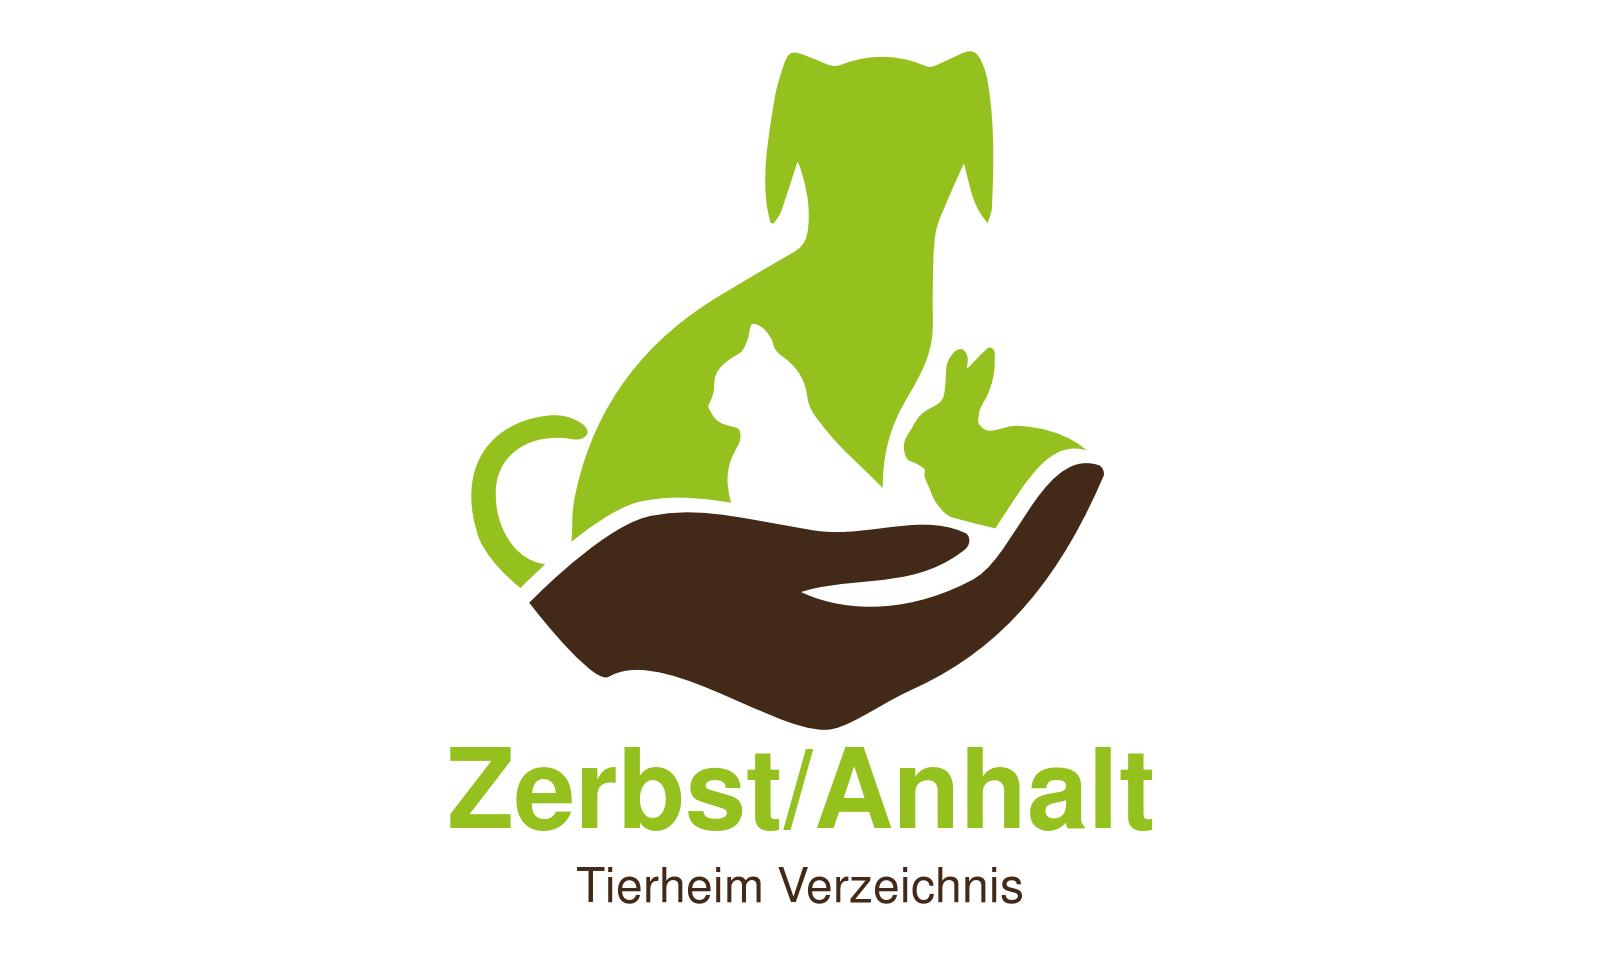 Tierheim Zerbst/Anhalt